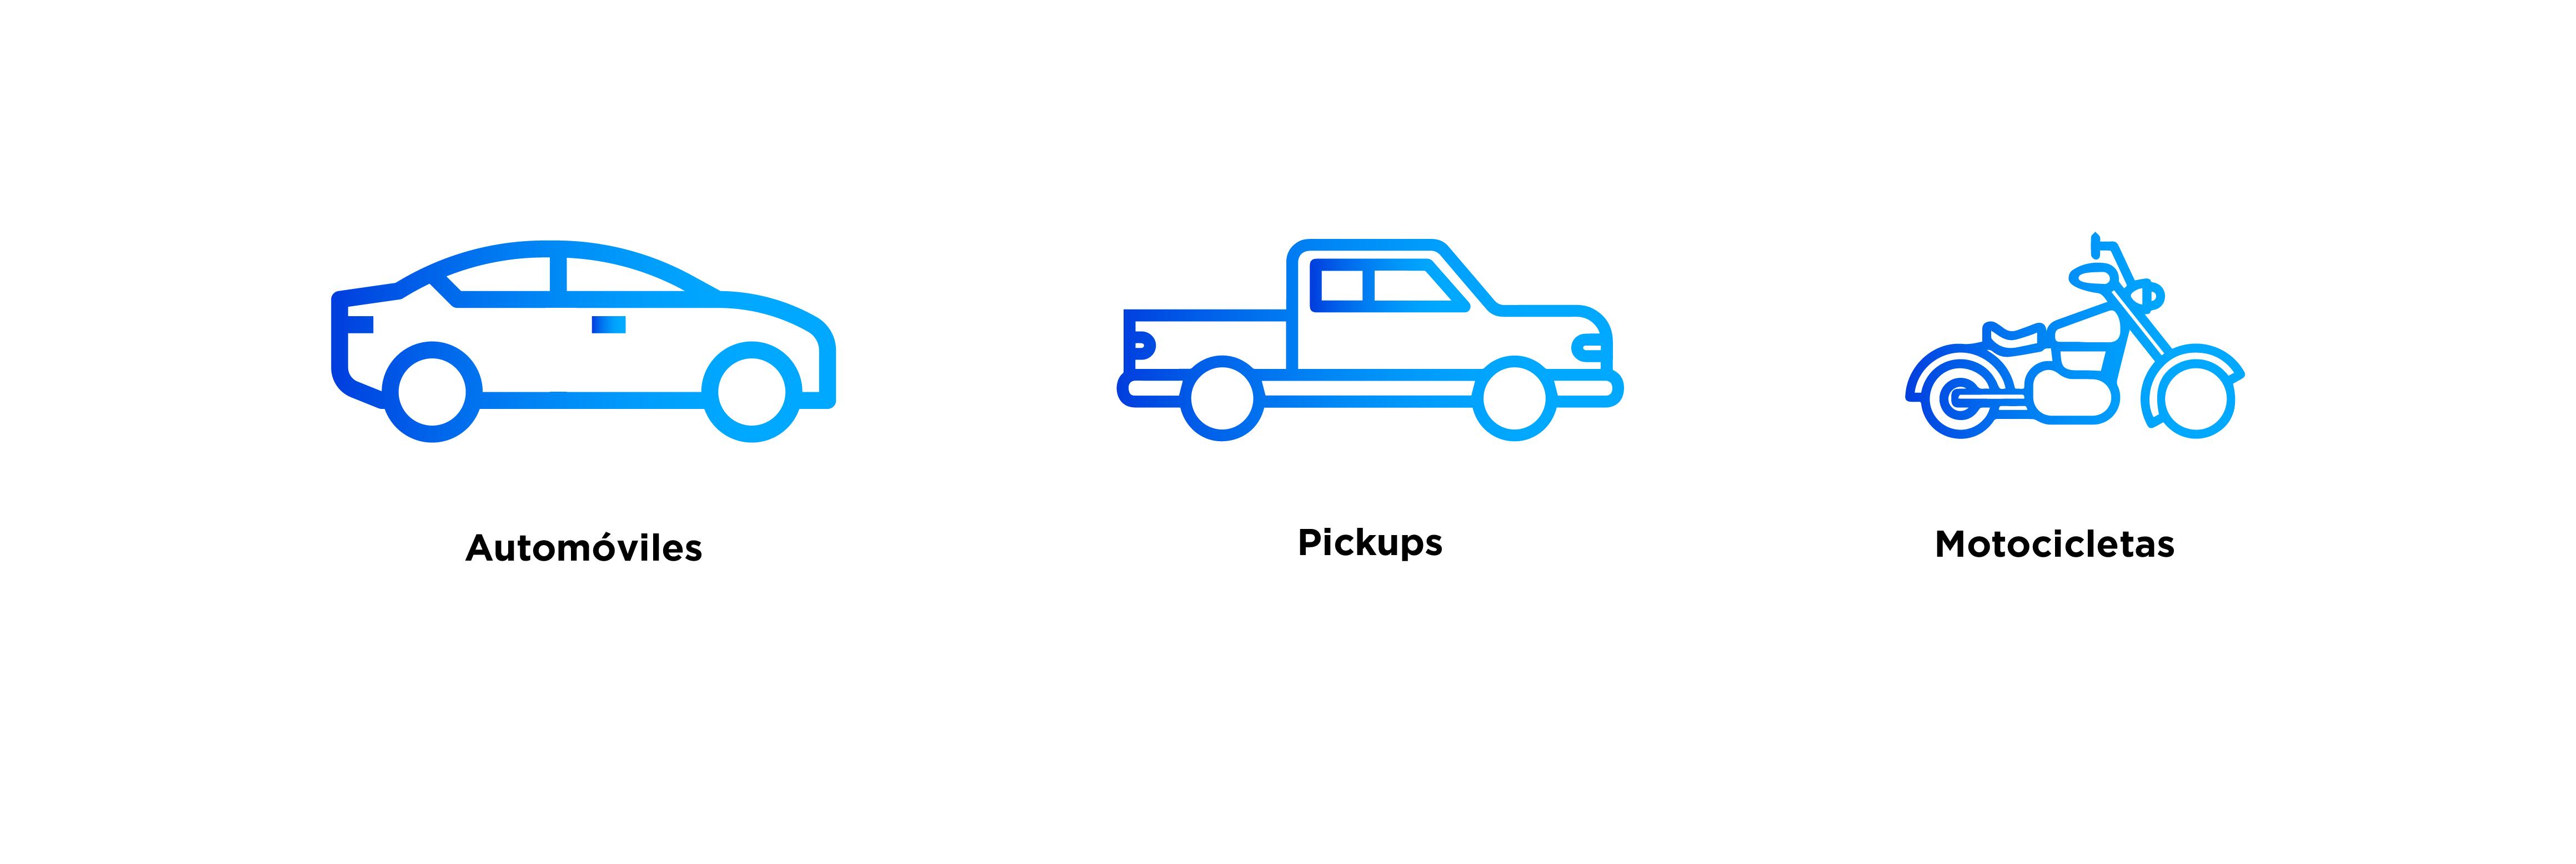 fdfd9c86428 Es decir, que el seguro de auto de Seguros Azteca no cubre camiones,  tractocamiones ni ningún otro vehículo diferente a los mostrados en la  lista anterior.